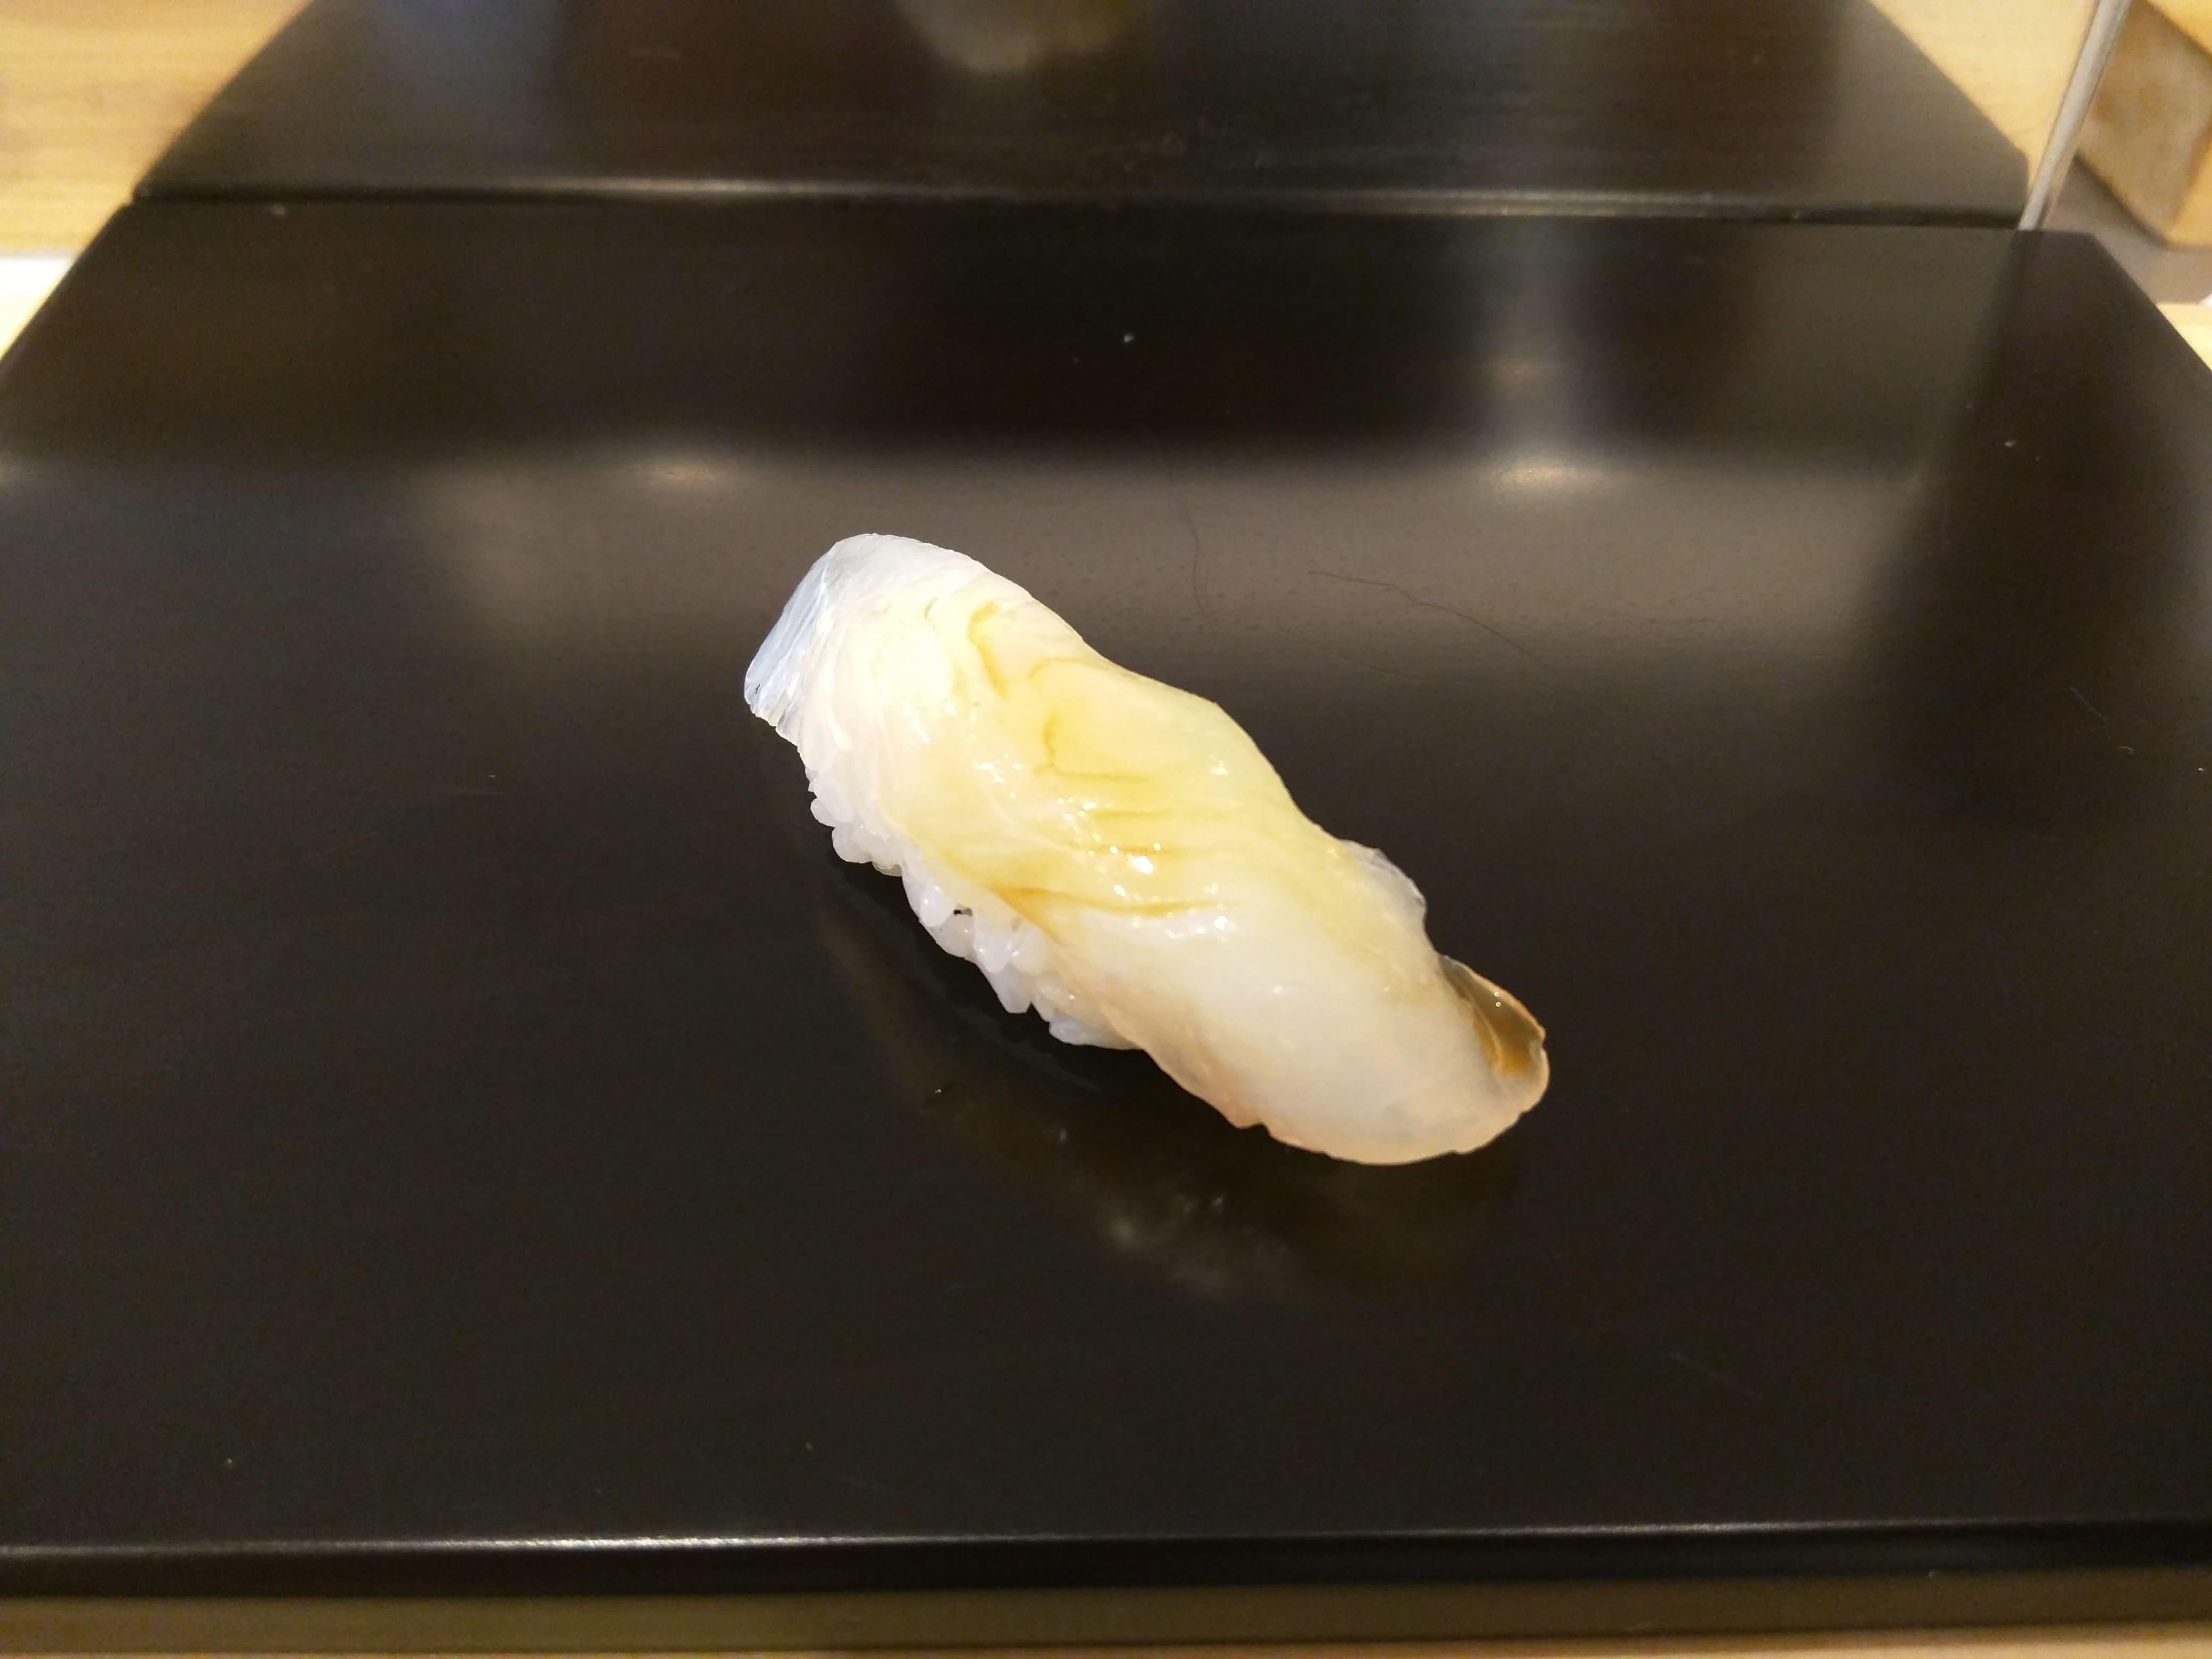 美味しくてリーズナブルな富山の穴場なお寿司屋 ~ 富山市 鮨 つか田